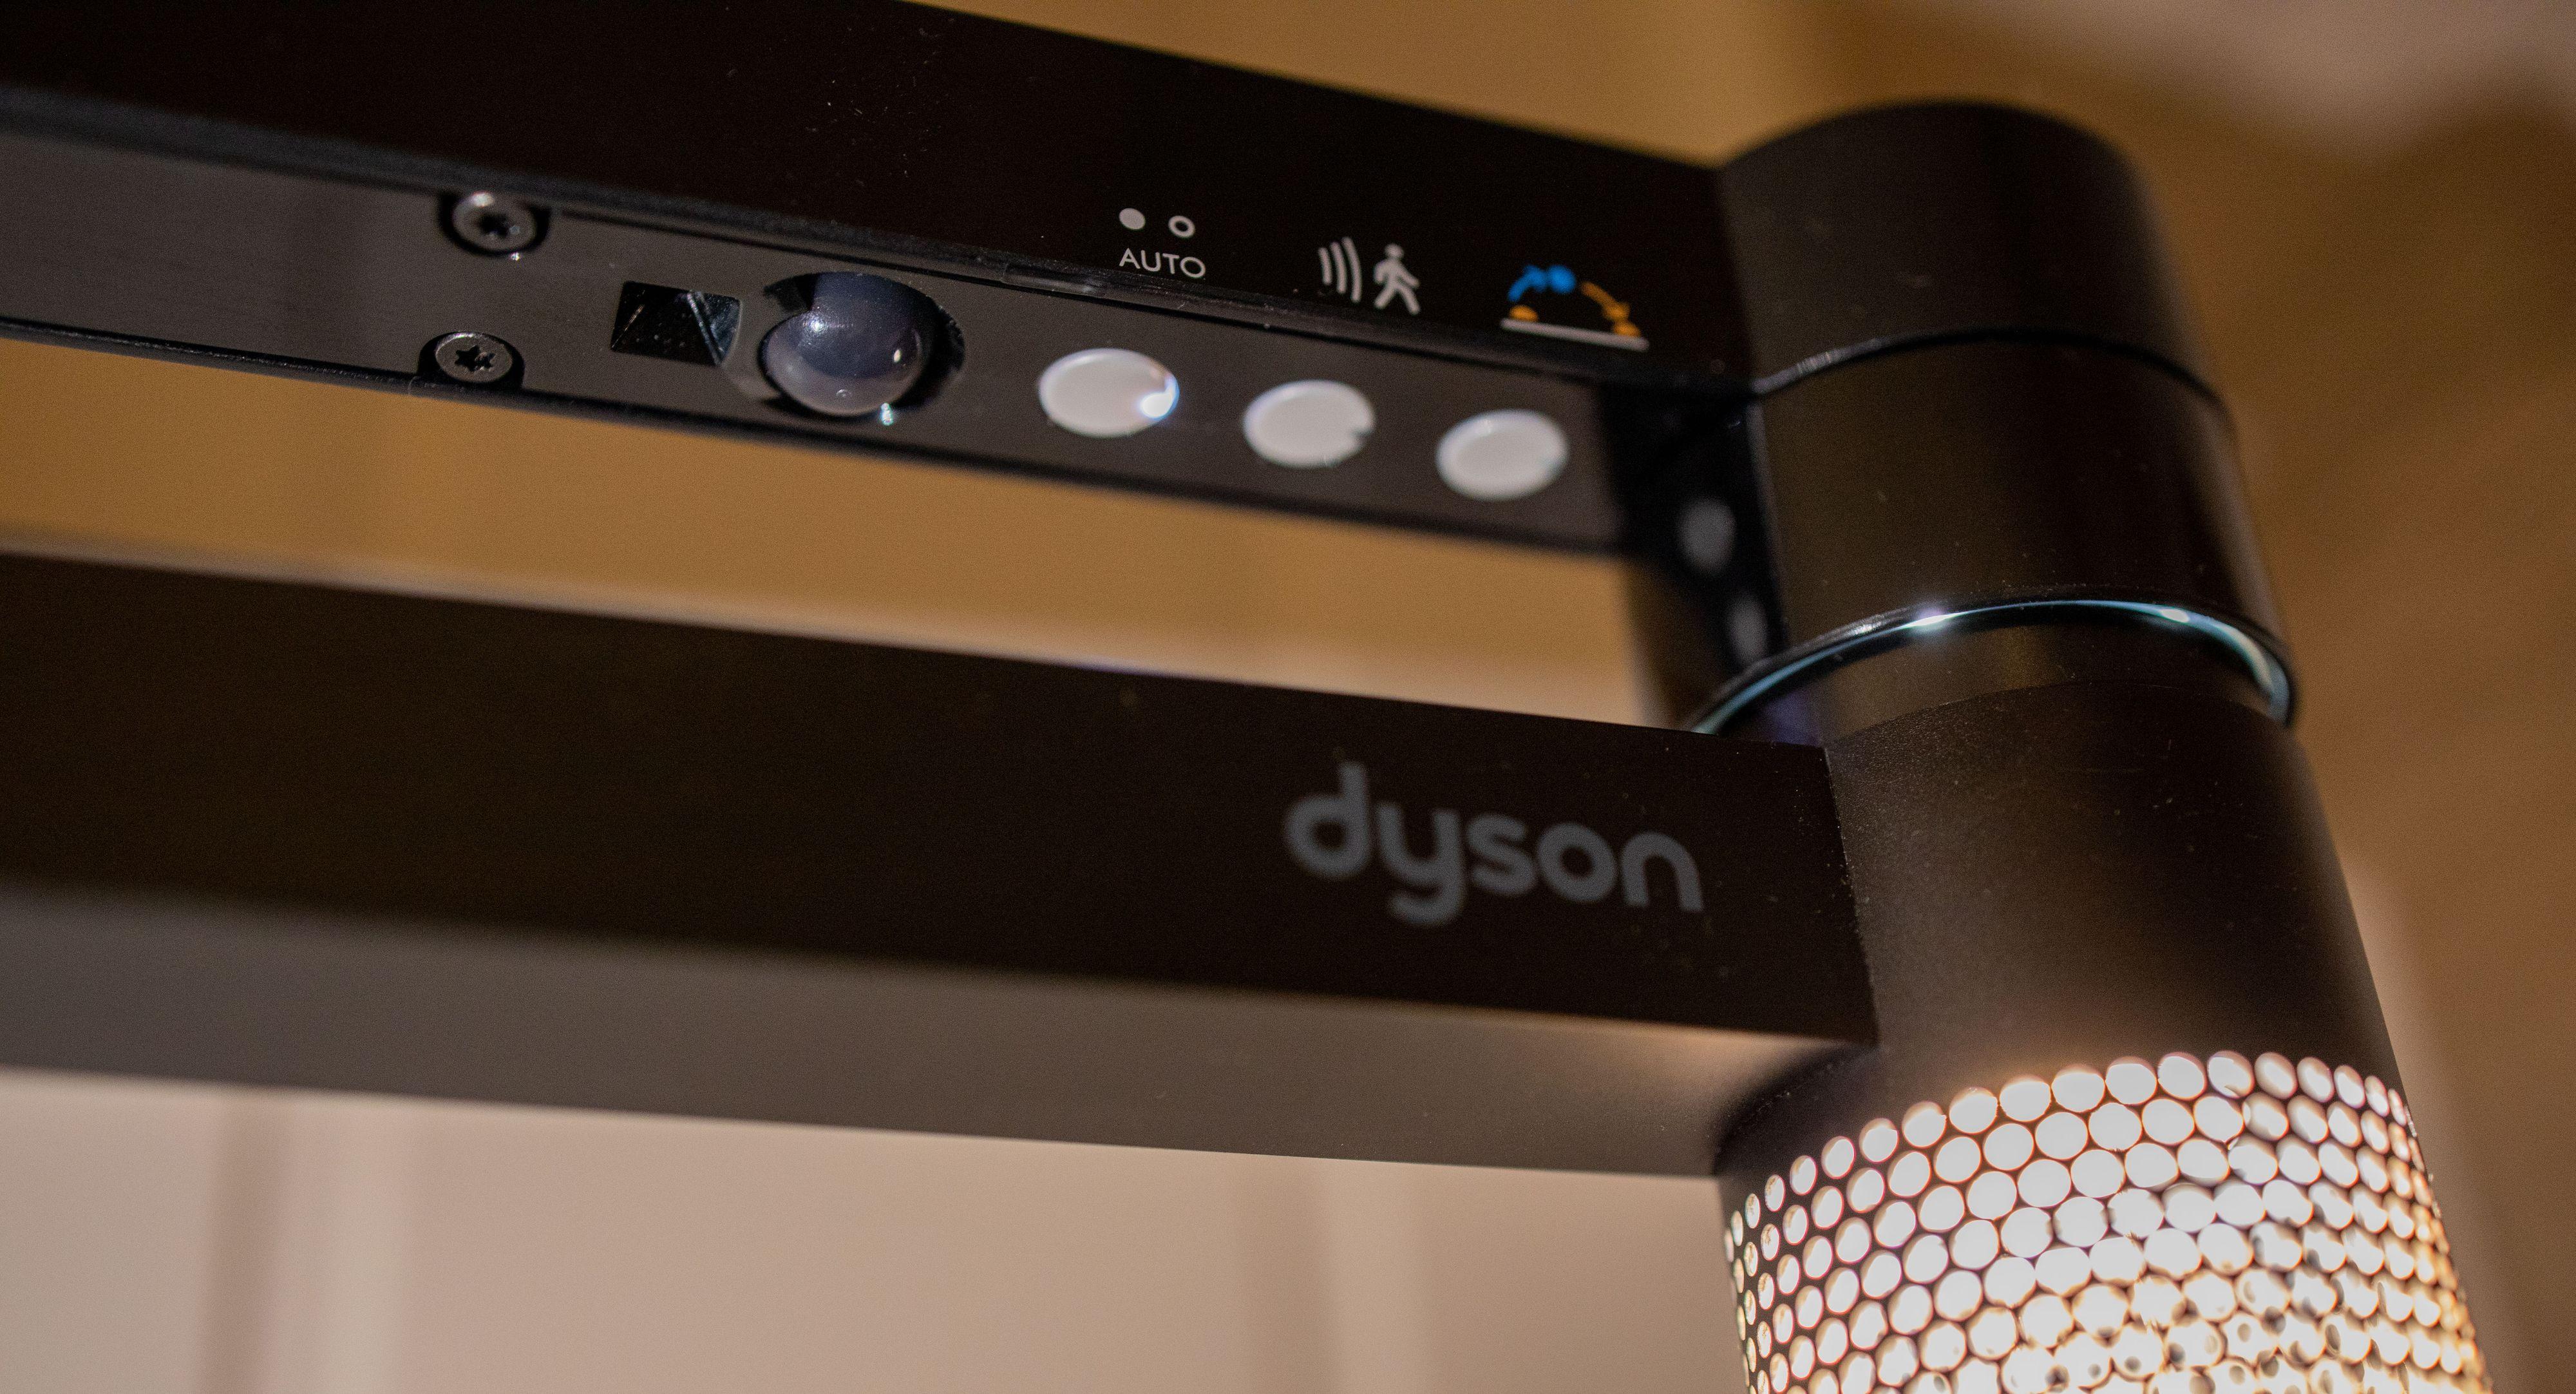 Du kan styre de viktigste lampefunksjonene direkte på lampen, men for ting som oppvåkningstid er du nødt til å gå inn i Dyson-appen.